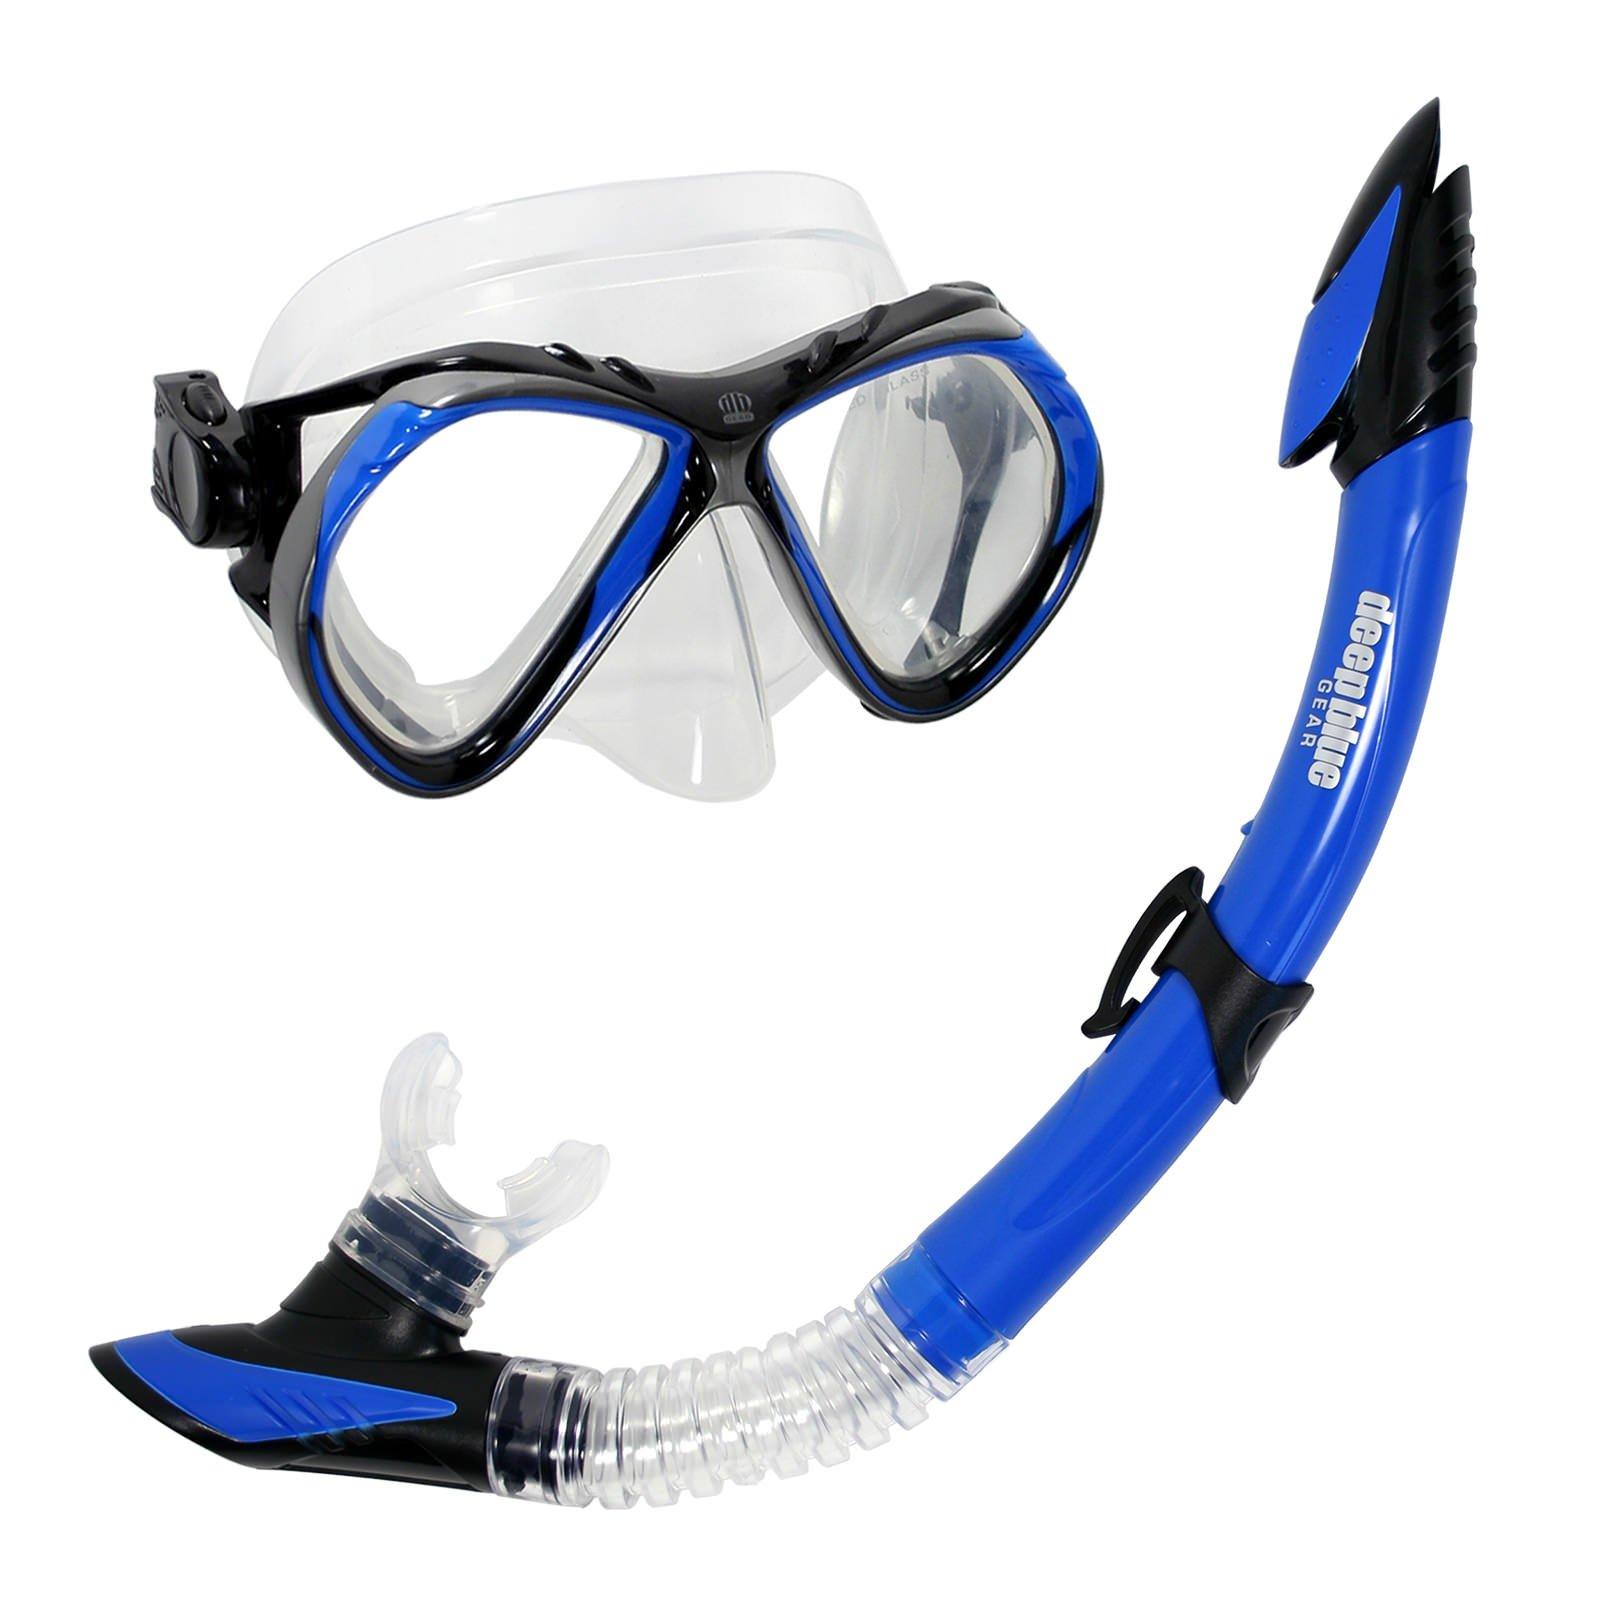 Deep Blue Gear Del Sol 2 Diving Mask and Semi-Dry Snorkel Set, Adult, Blue